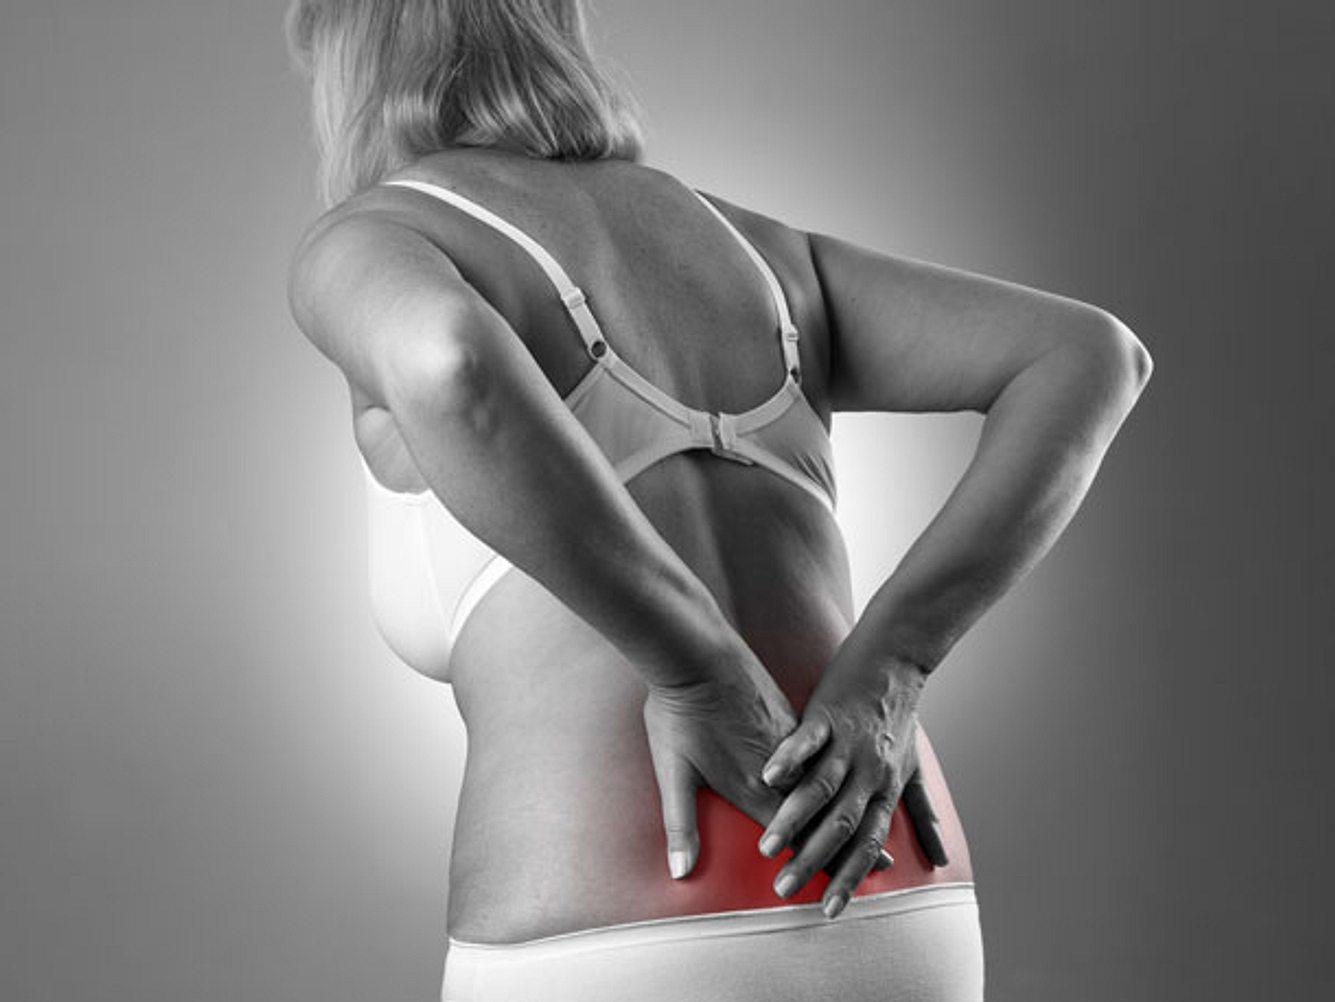 Nicht die Bandscheibe, sondern verklebte Faszien sind der Grund für die meisten Rückenschmerzen.